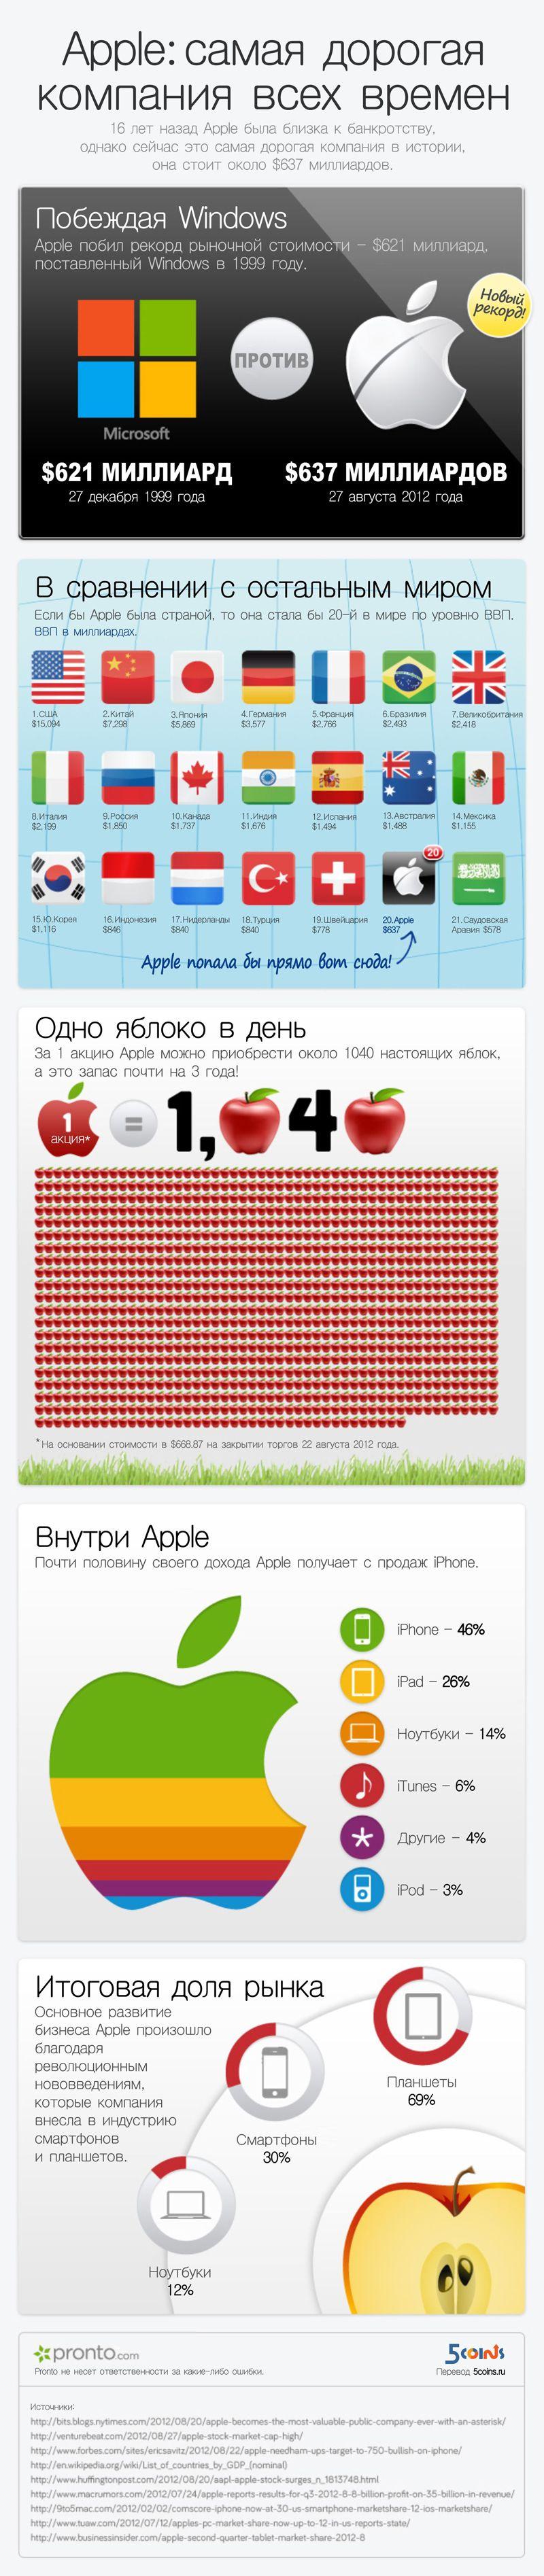 Apple самая дорогая компания всех времен